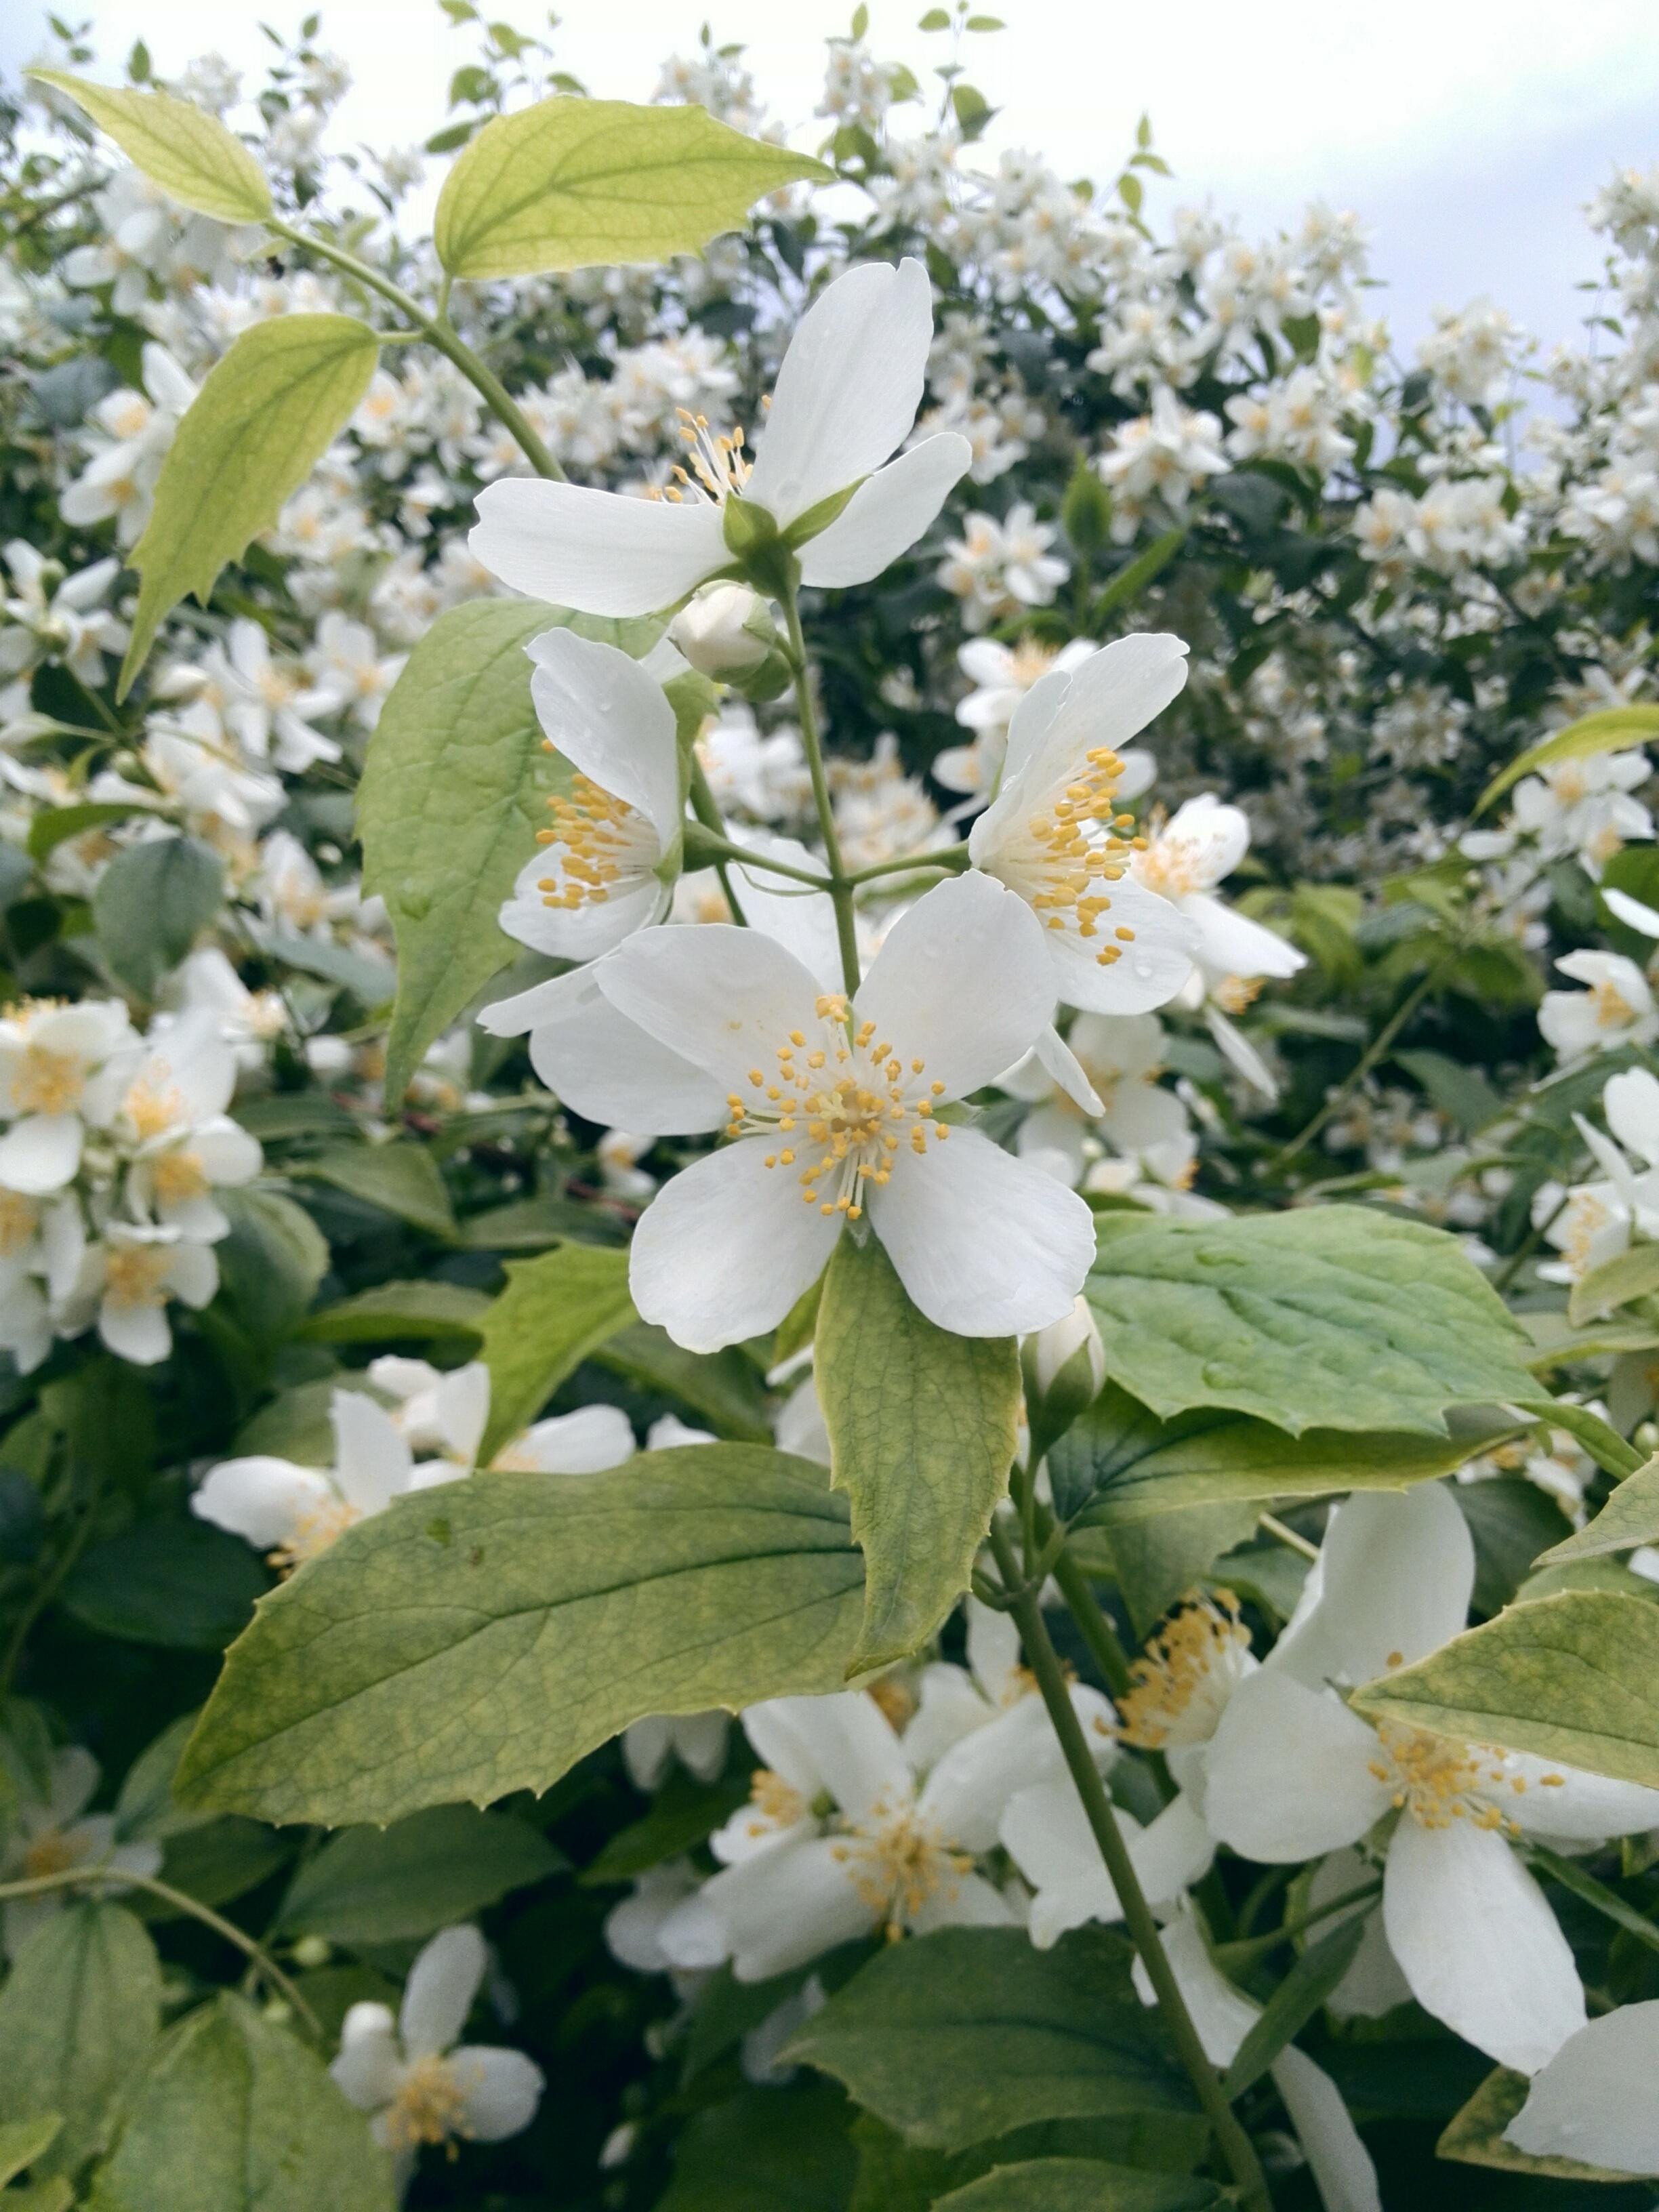 images gratuites : branche, fleur, aliments, produire, botanique